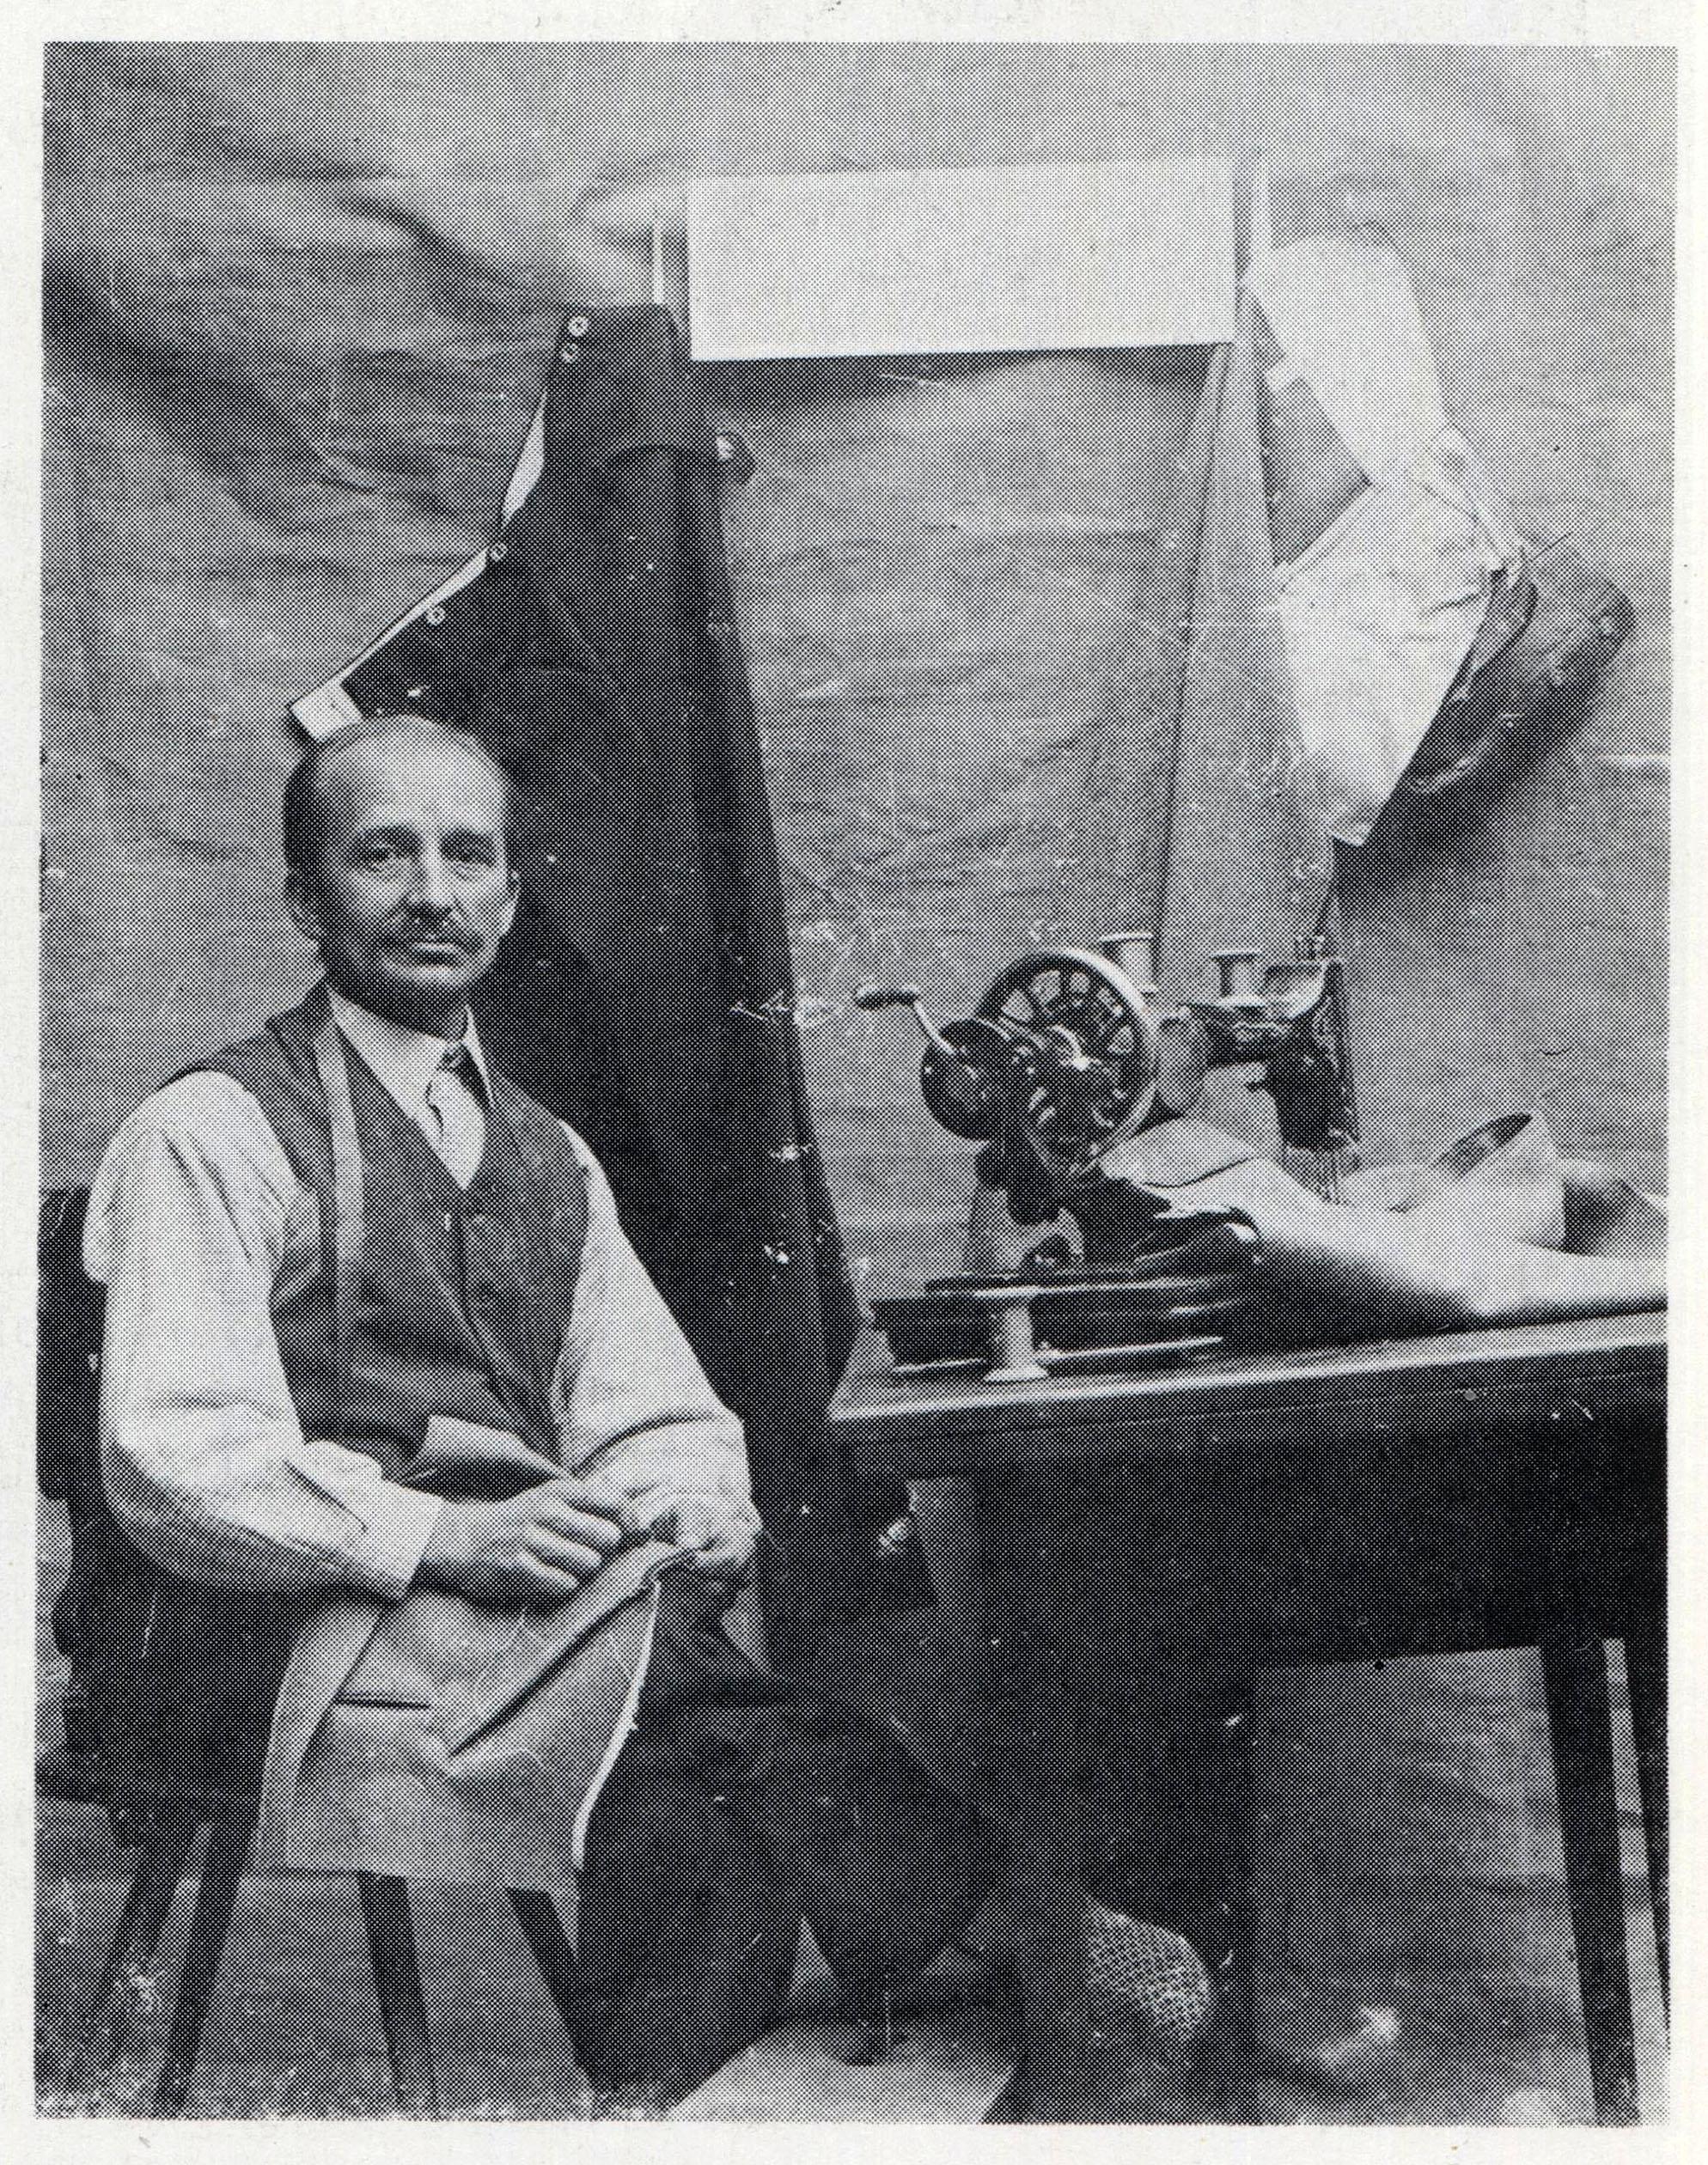 """Schneidermeister Wilhelm Rothweiler (1876 bis 1955) war nicht nur ein typischer """"Bauern- und Talschneider"""", sondern auch ein exzellenter Zeitzeuge, der überall im Ort mit seiner Kamera präsent war. In seinem Buch """"Erinnerungen vergangener Tage"""" bezeichnet ihn Autor und Heimatforscher Gerhard Finkbeiner als den ersten """"Amateurfotografen in Dörlinbach""""."""